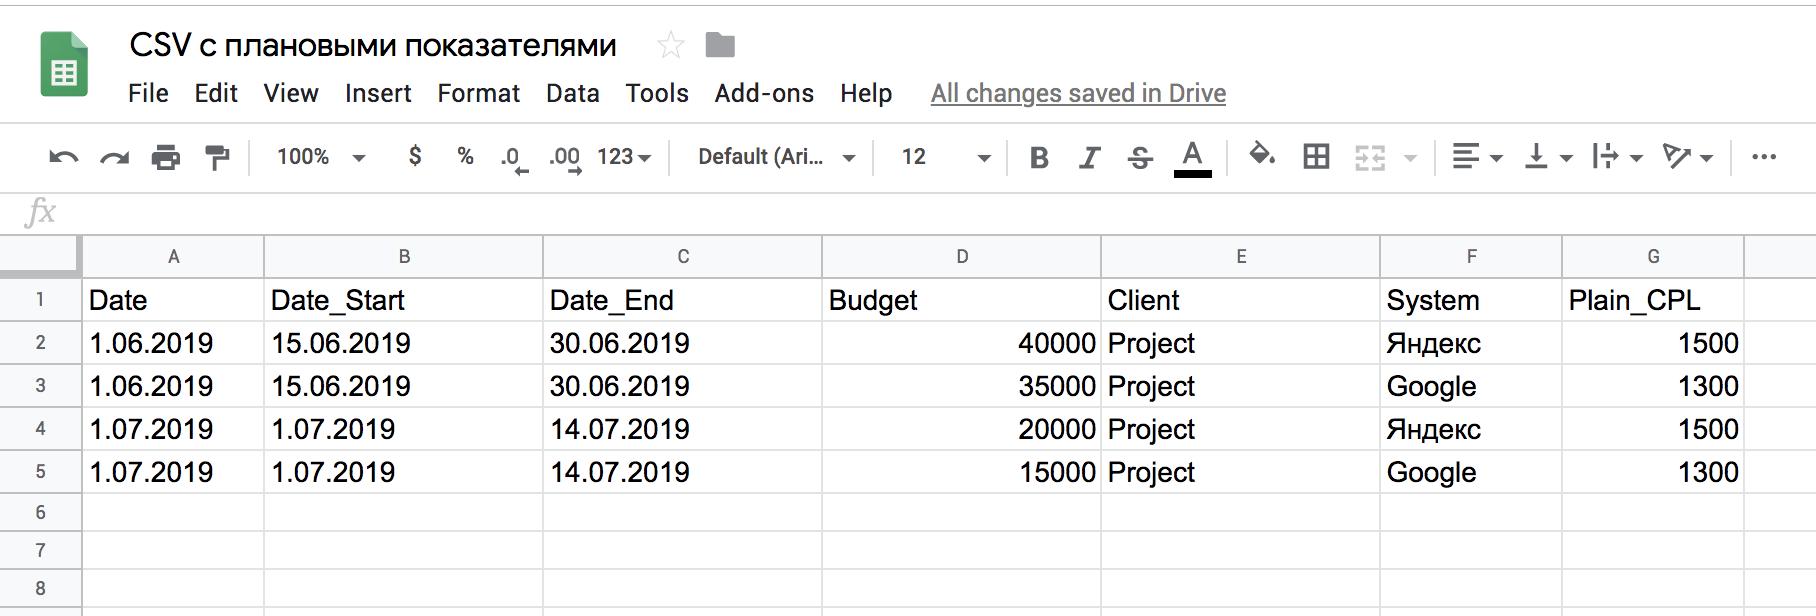 Пример  CSV-файла для переходящего отчетного периода